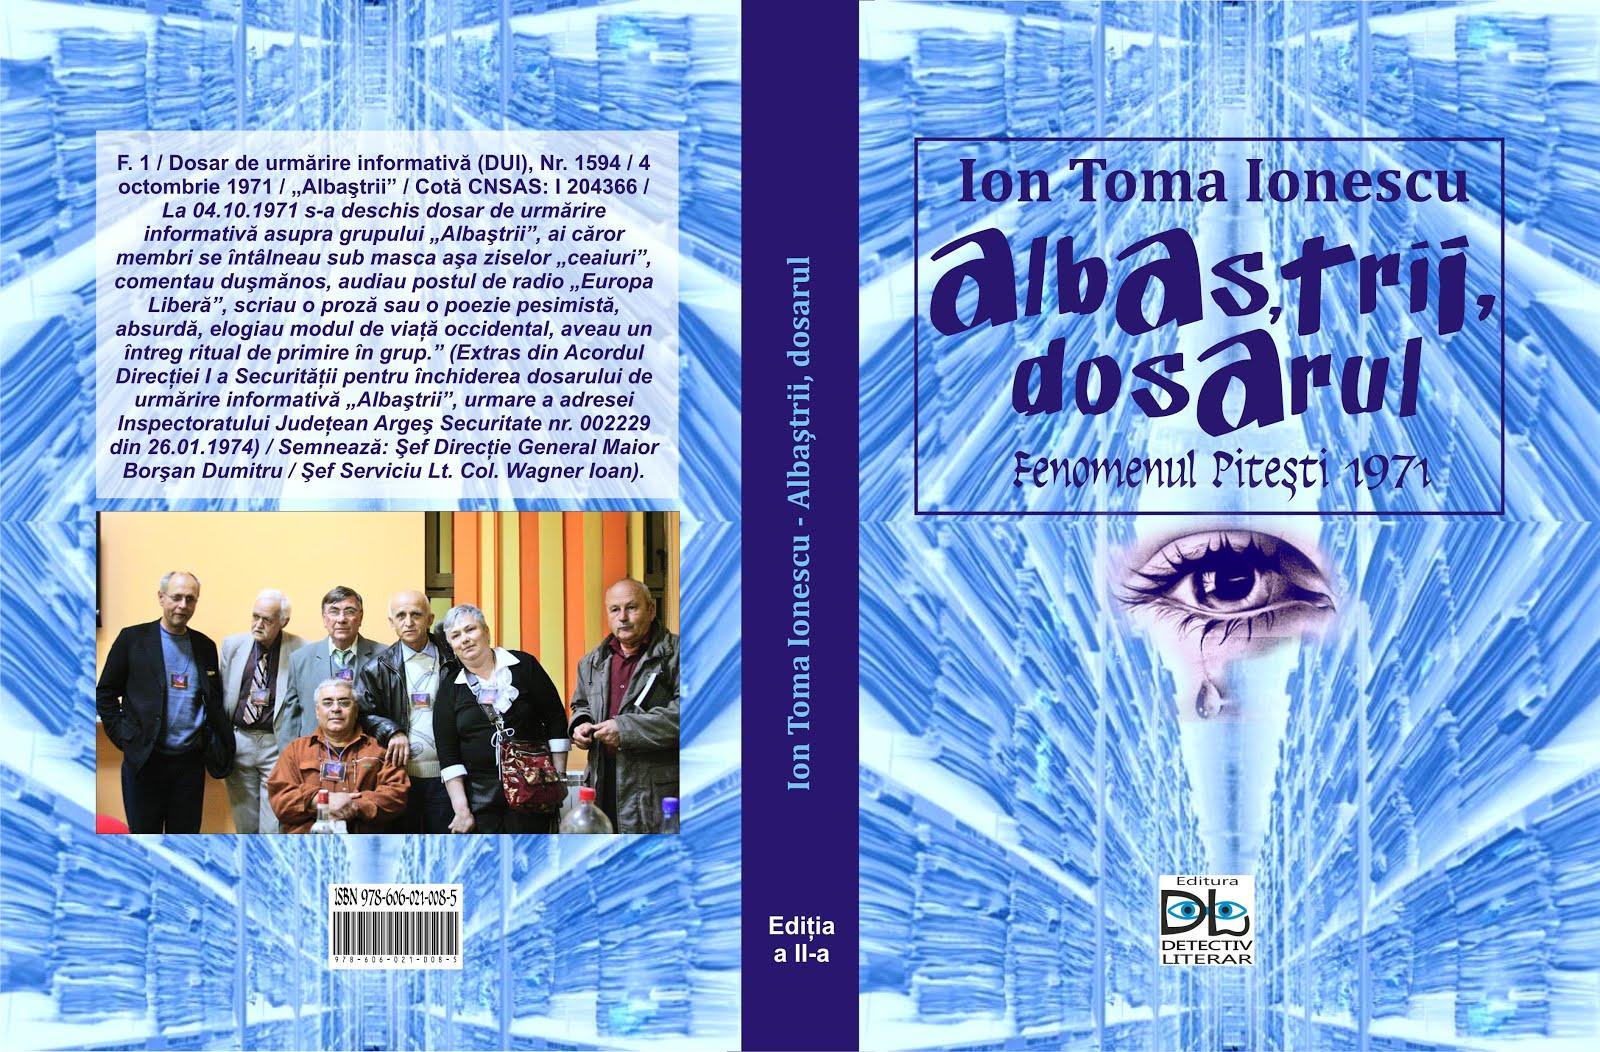 Noutati 2018. Editura Detectiv literar